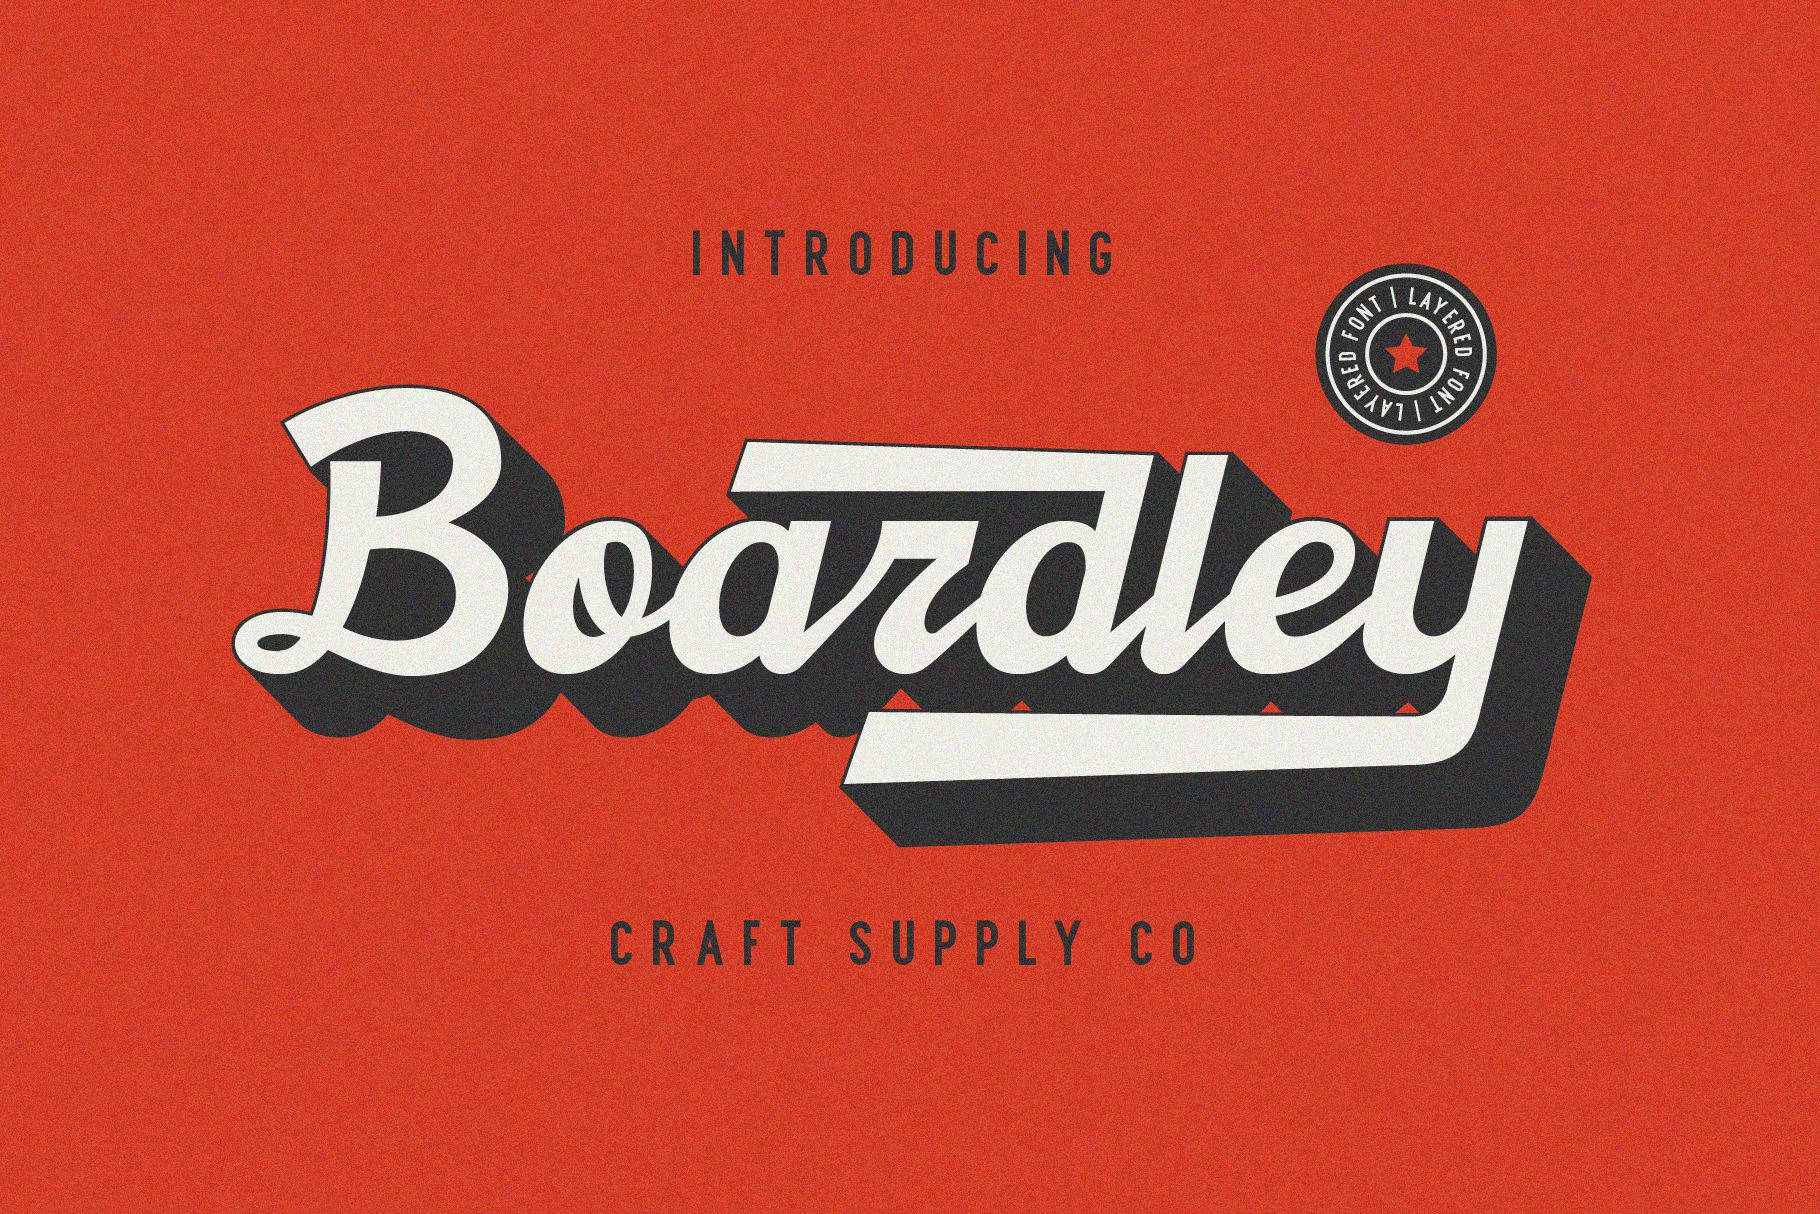 Boardley Free Script Font - script